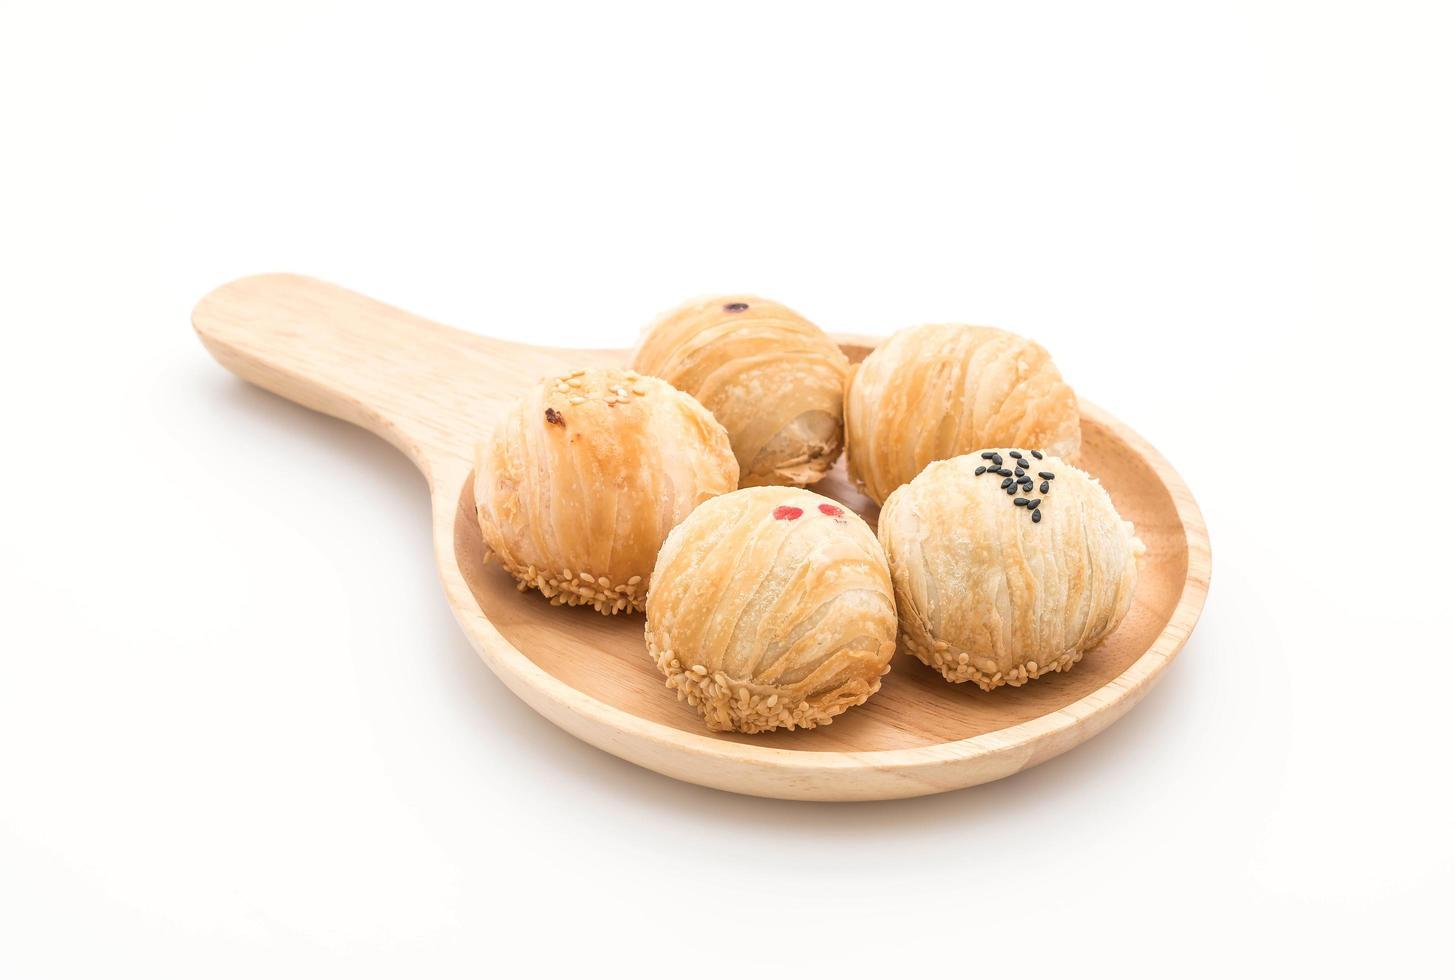 dolci di fagioli mung su sfondo bianco foto